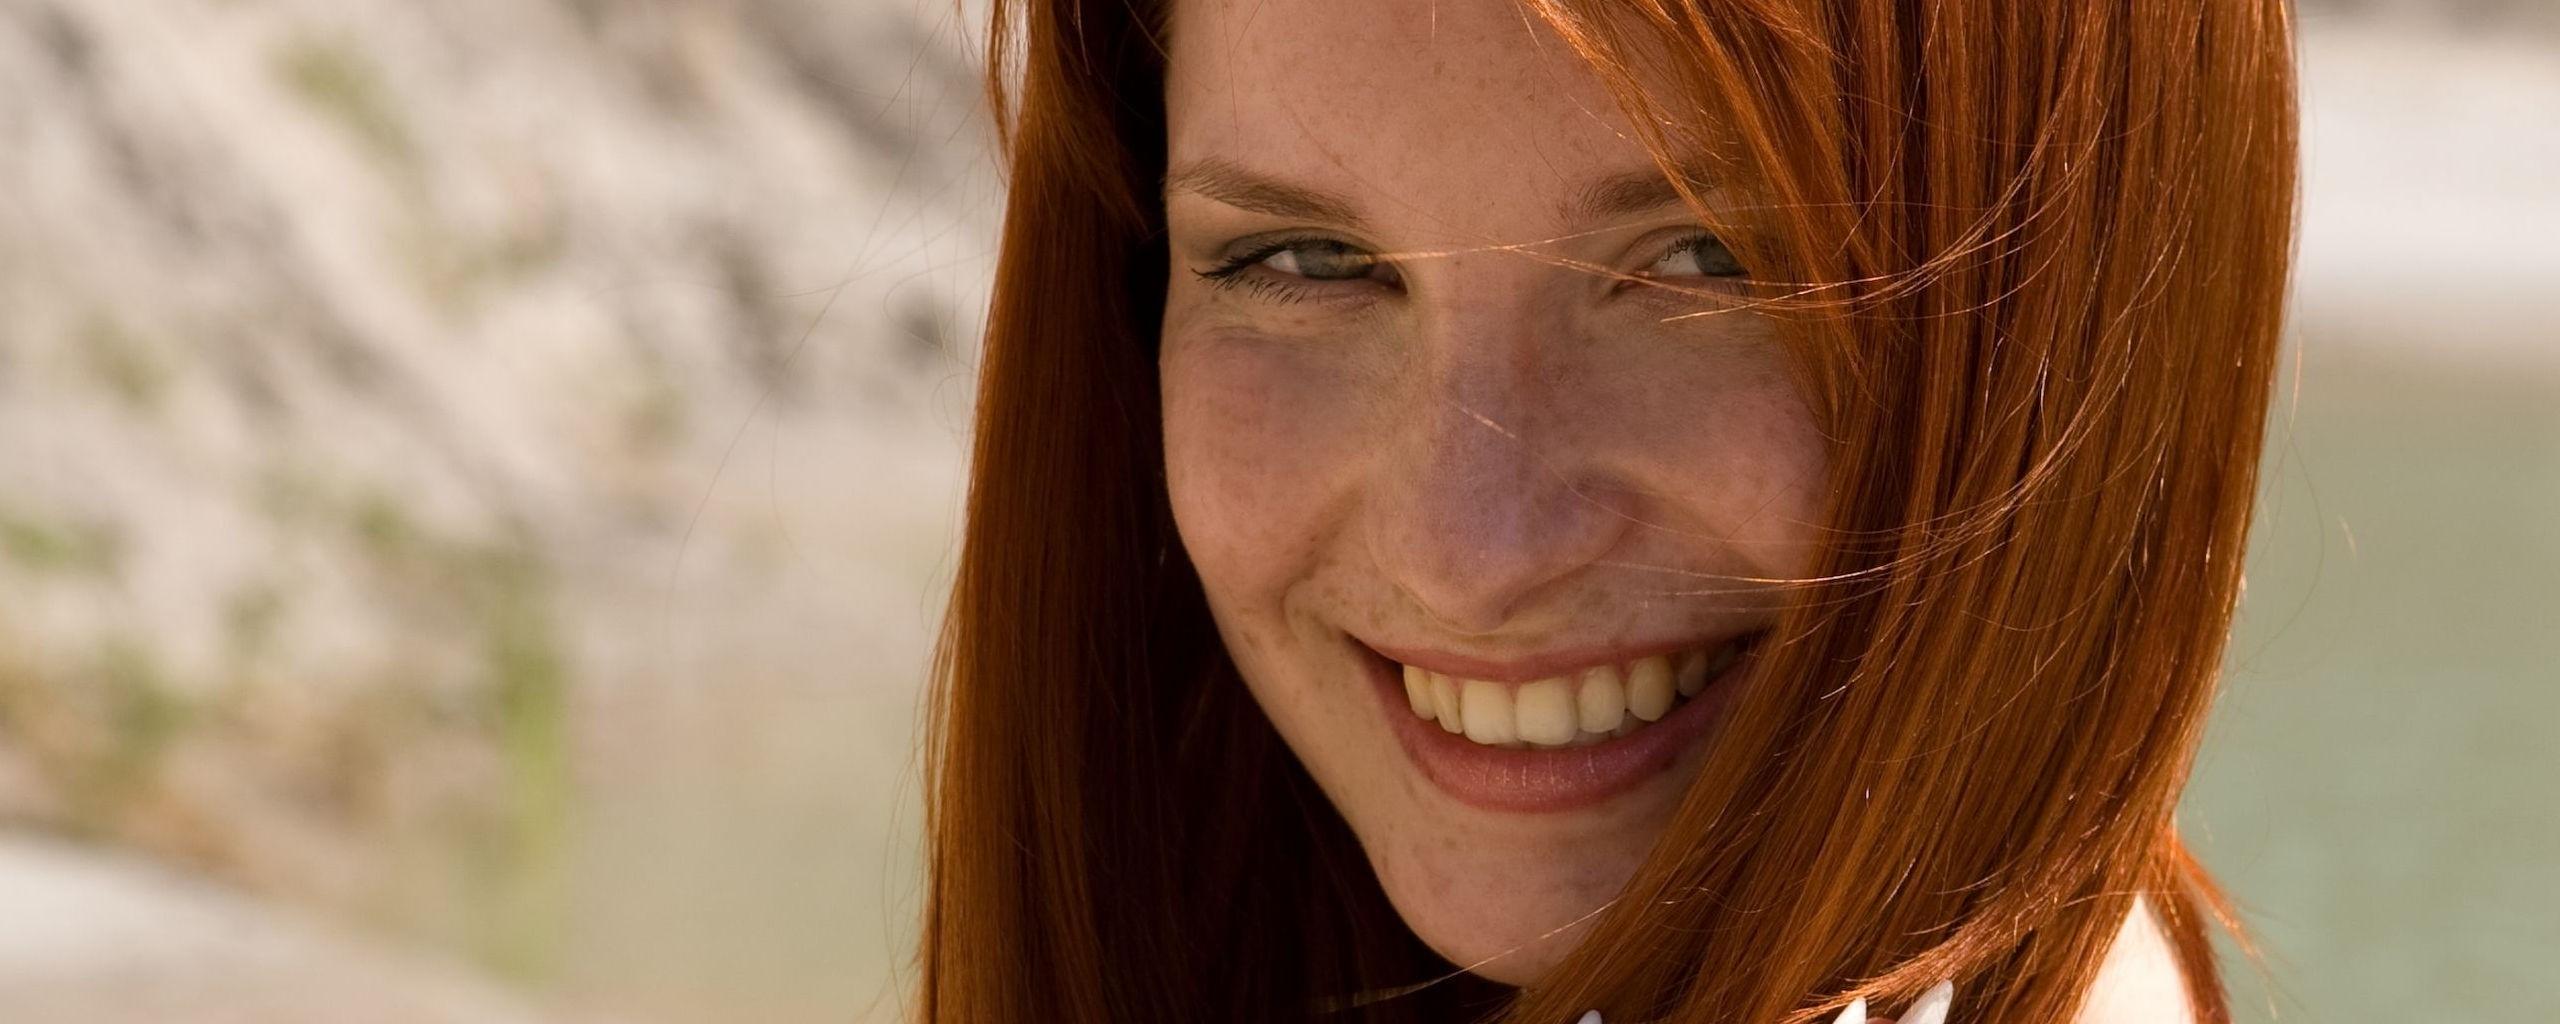 Рыжая девушка отсосала, рыжая сосет: порно видео онлайн, смотреть порно на 12 фотография